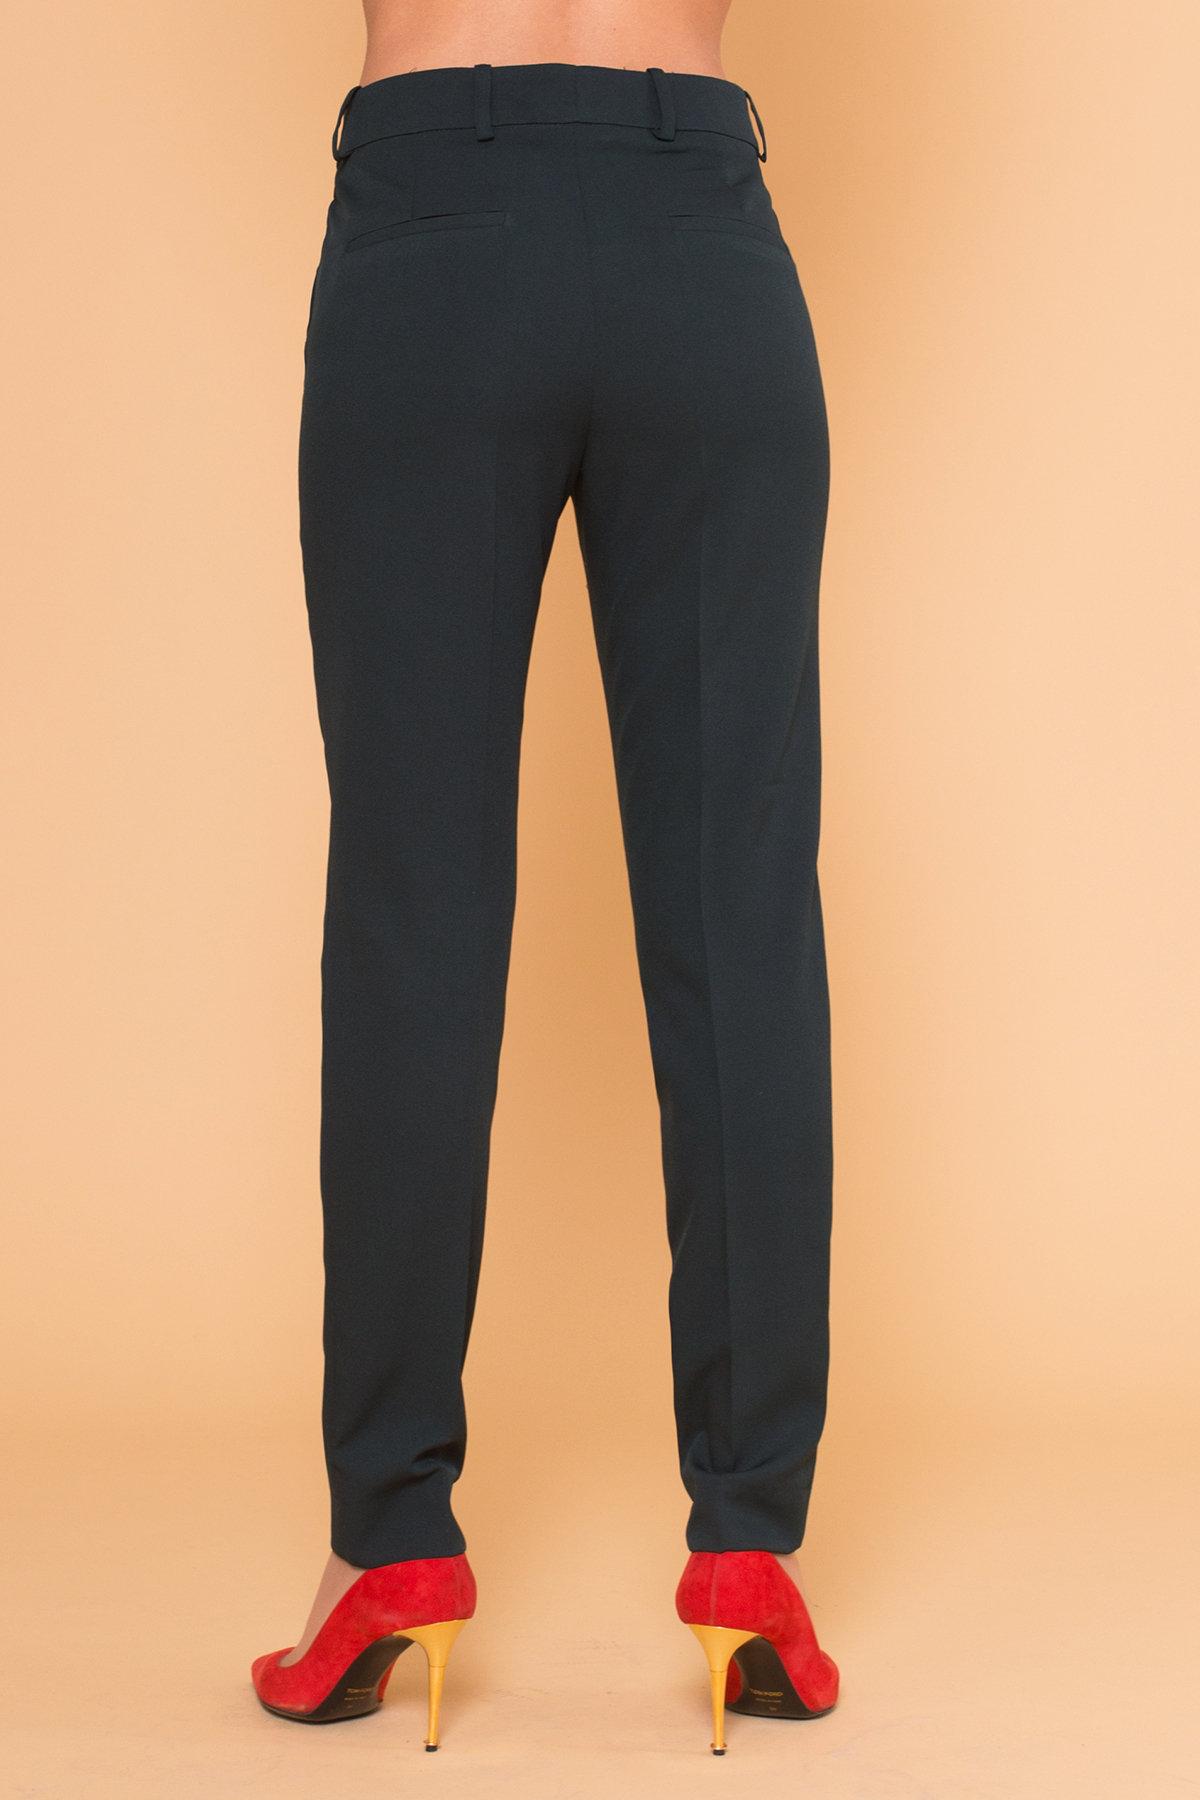 Базовые брюки со стрелками Эдвин 2467 АРТ. 17364 Цвет: Темно-зеленый - фото 4, интернет магазин tm-modus.ru